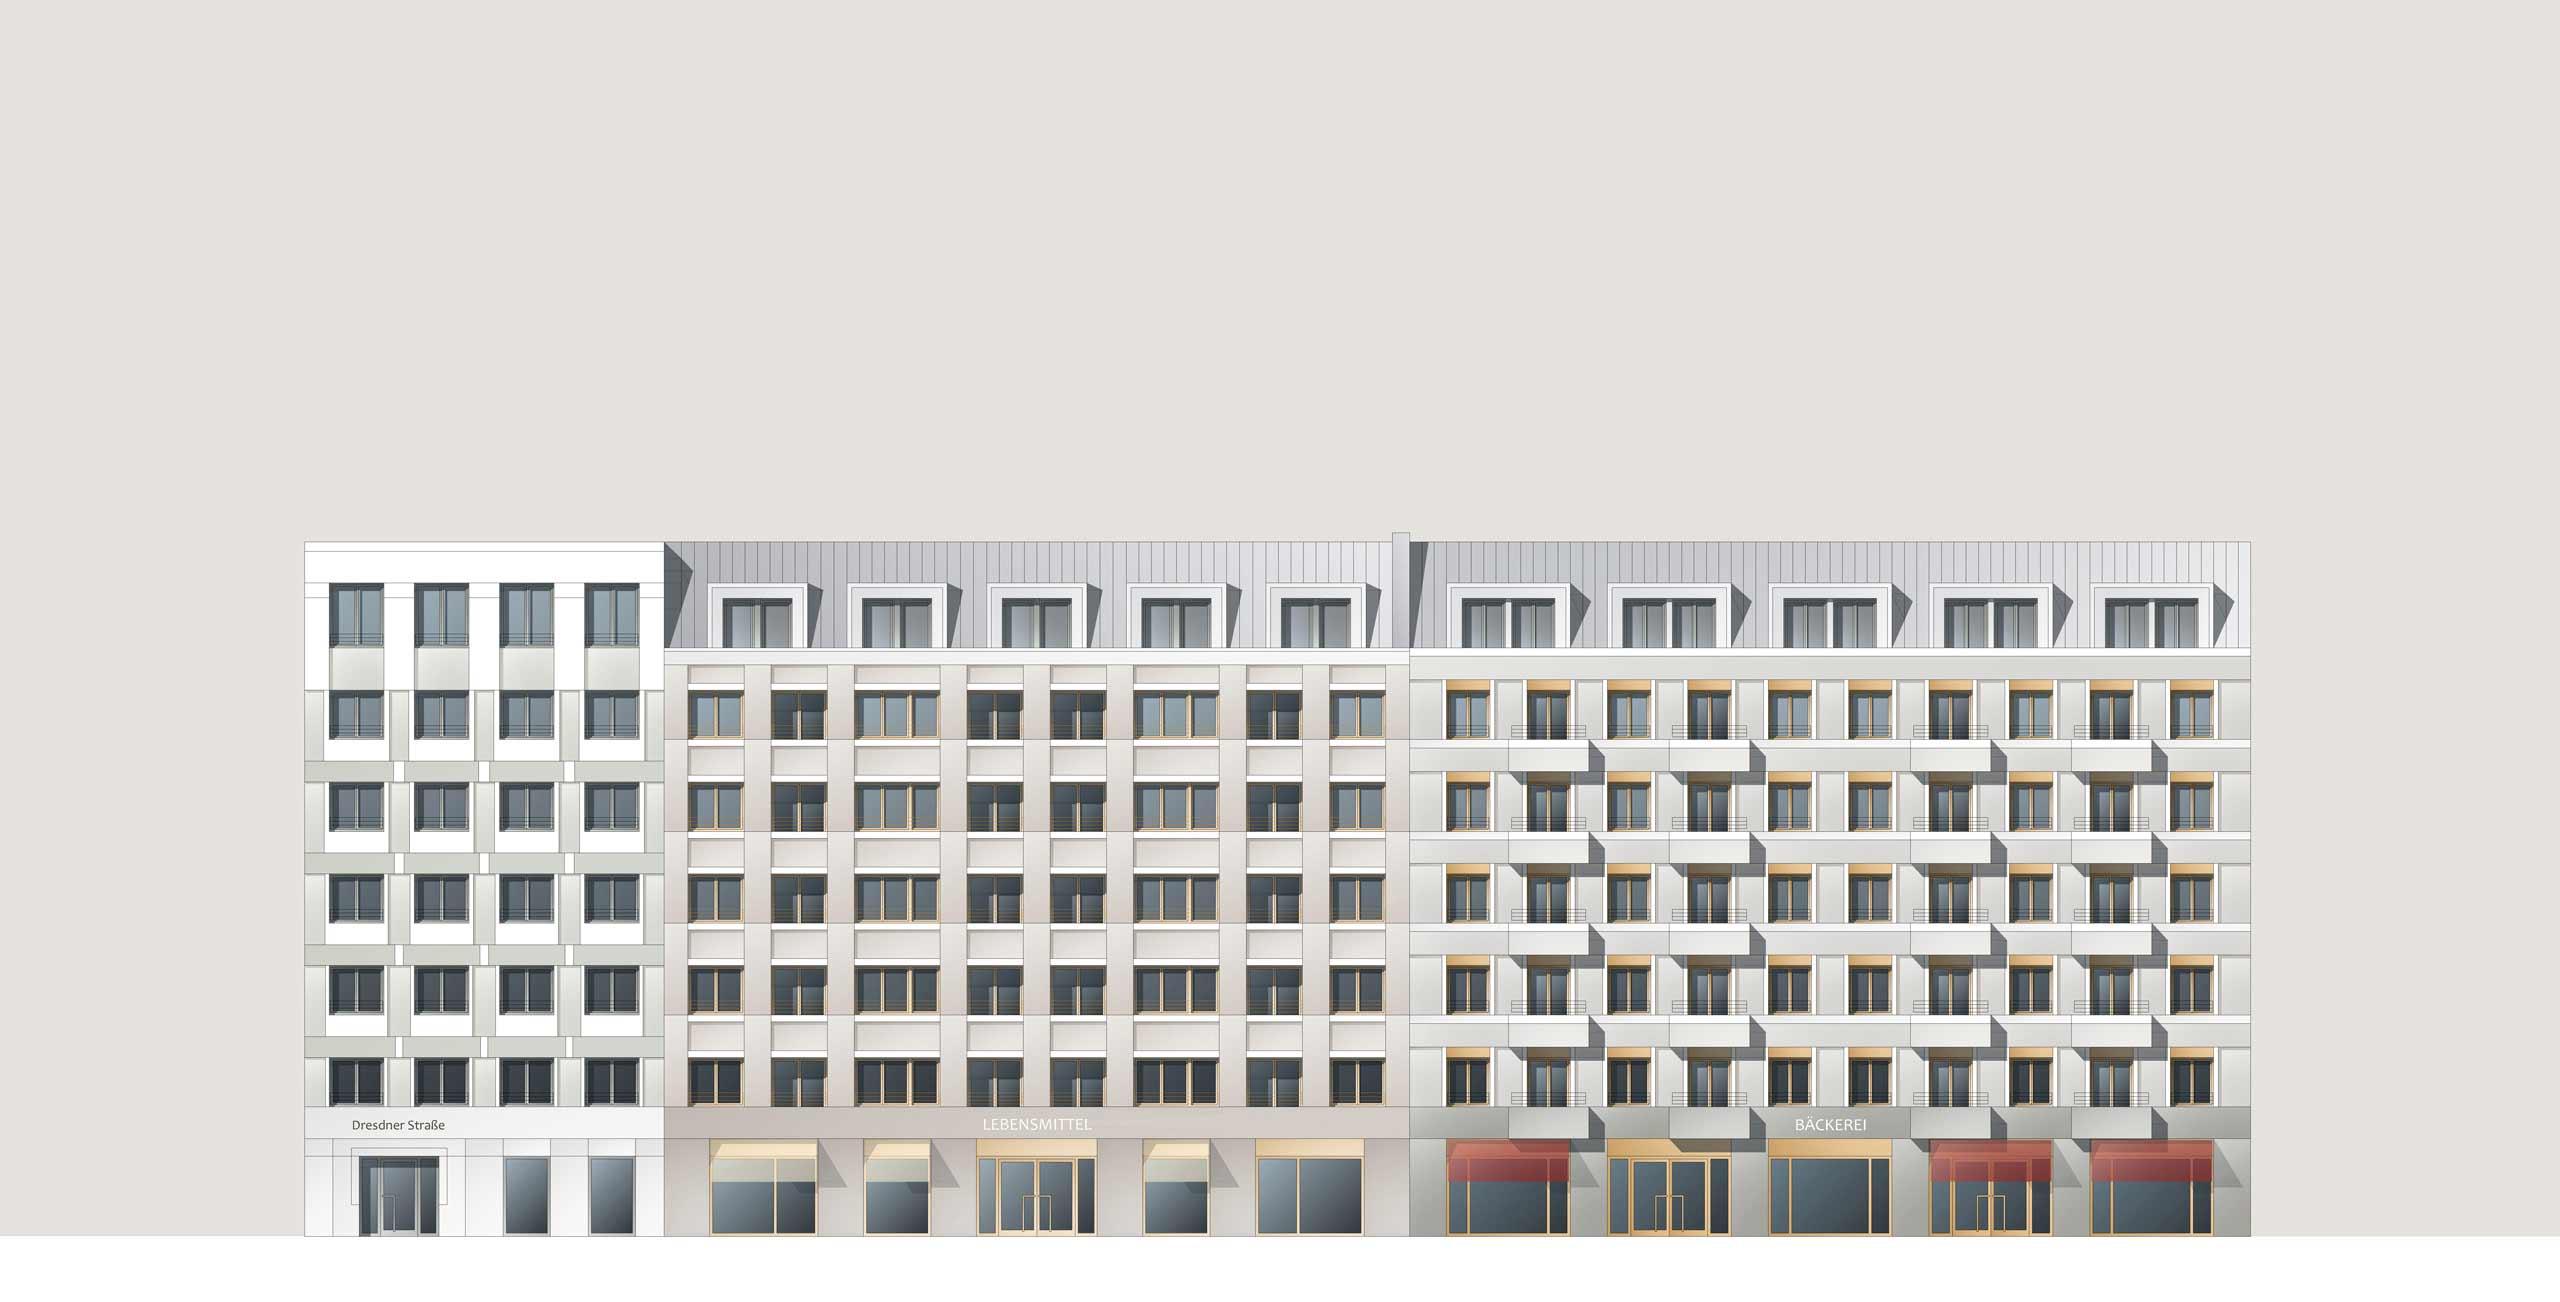 KLM Architekten Wohnungsbau Leipzig Dresdner Strasse Ansicht 01